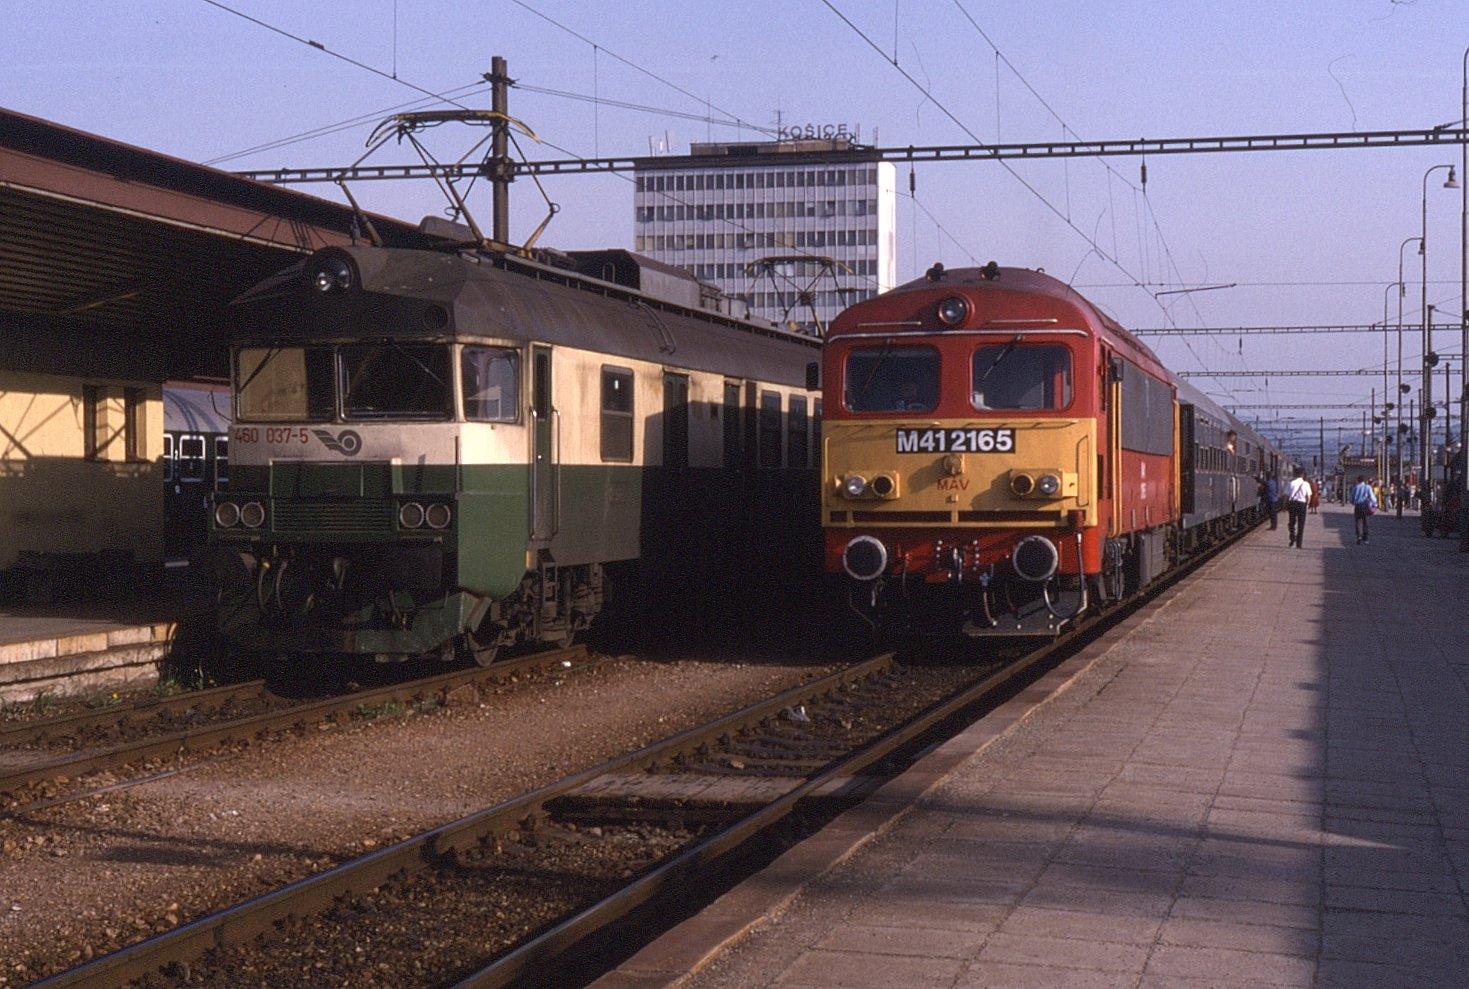 File:Košice, nádraží, jednotka 460.037 a vlak s lokomotivou M41 2165.jpg